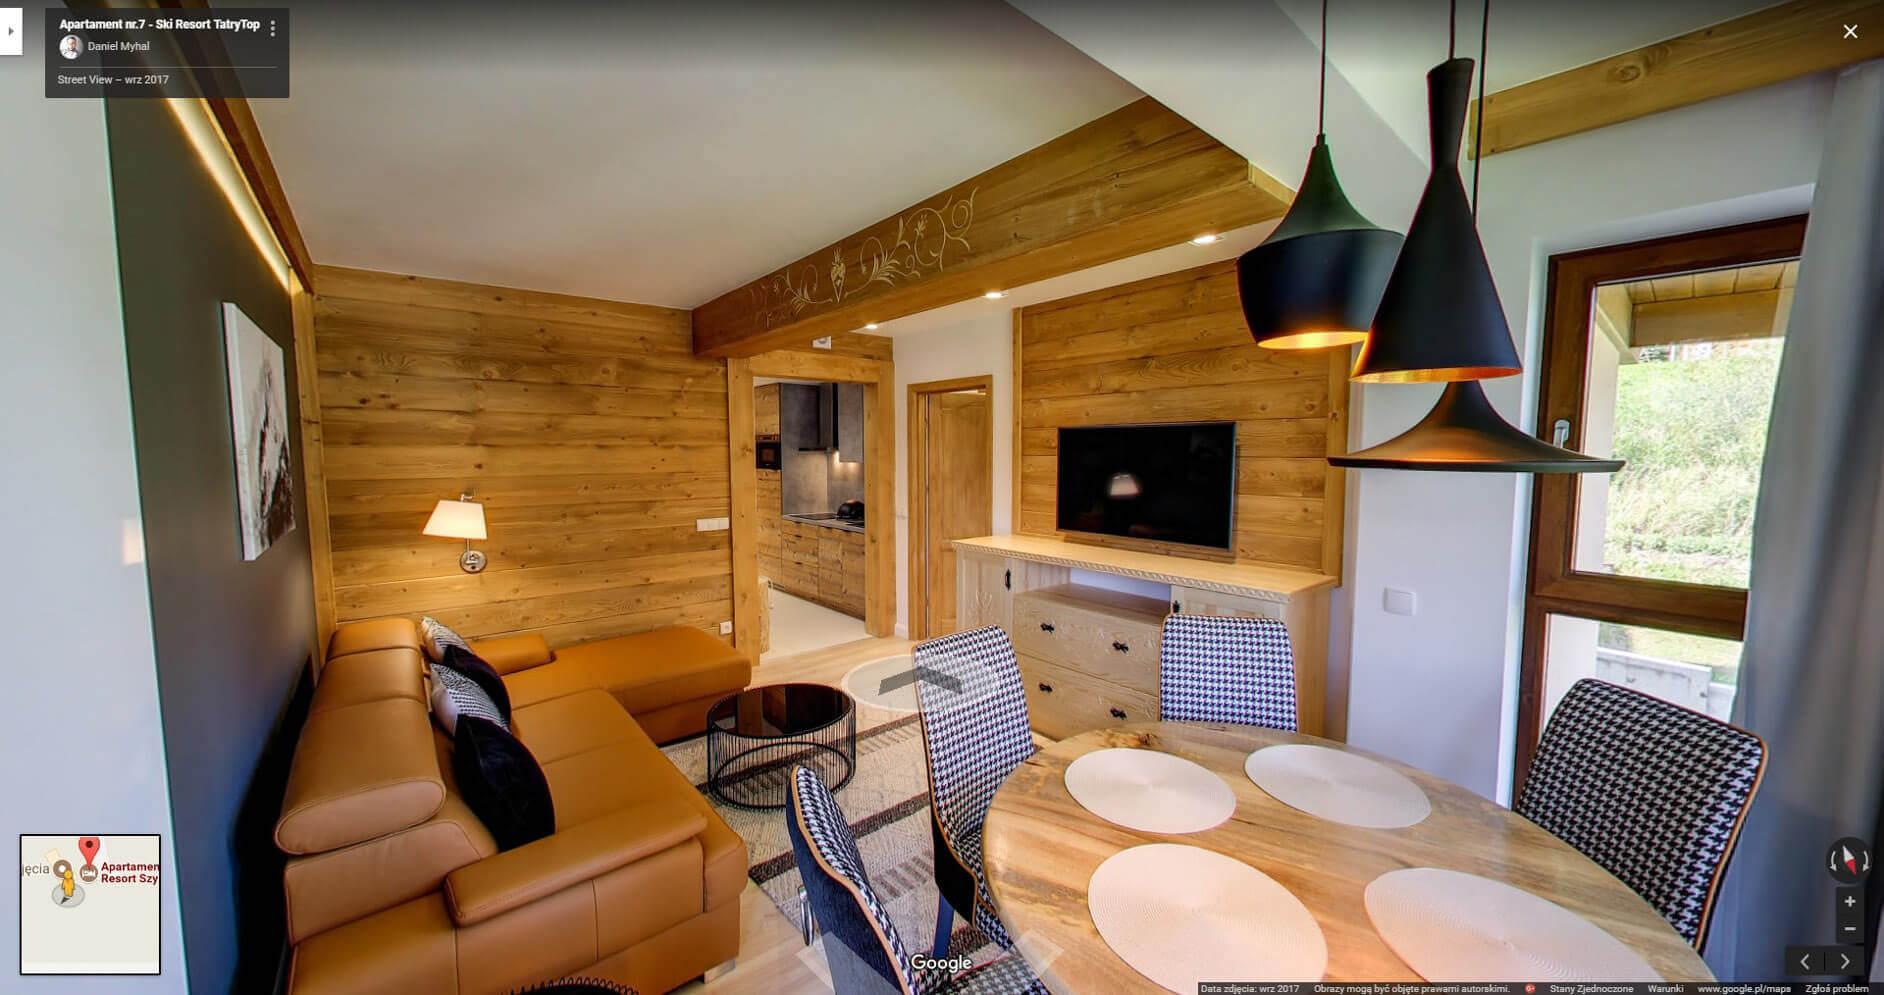 Apartament na wynajem wirtualny spacer google fotograf wnętrz Daniel Myhal Apartament Ski Resort